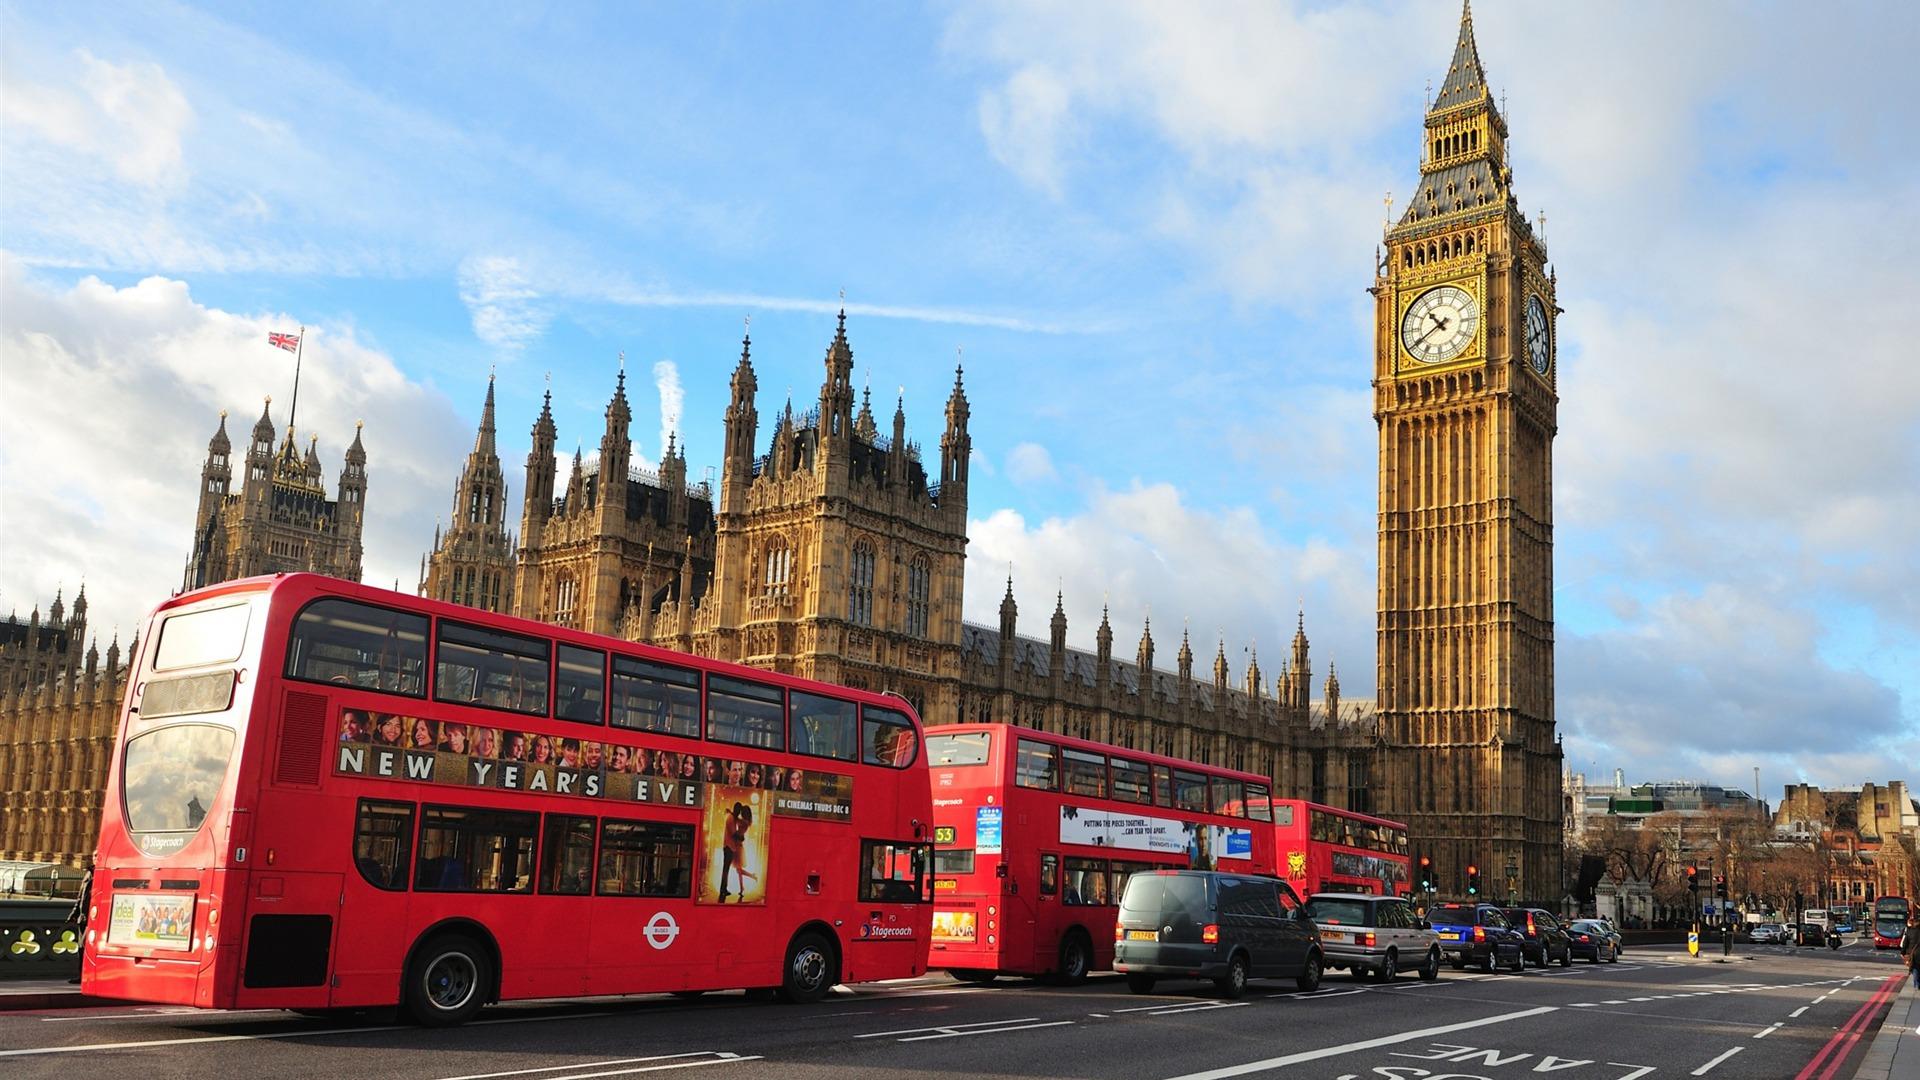 ロンドンビッグベンウェストミンスター寺院バス 都市写真のhdの壁紙